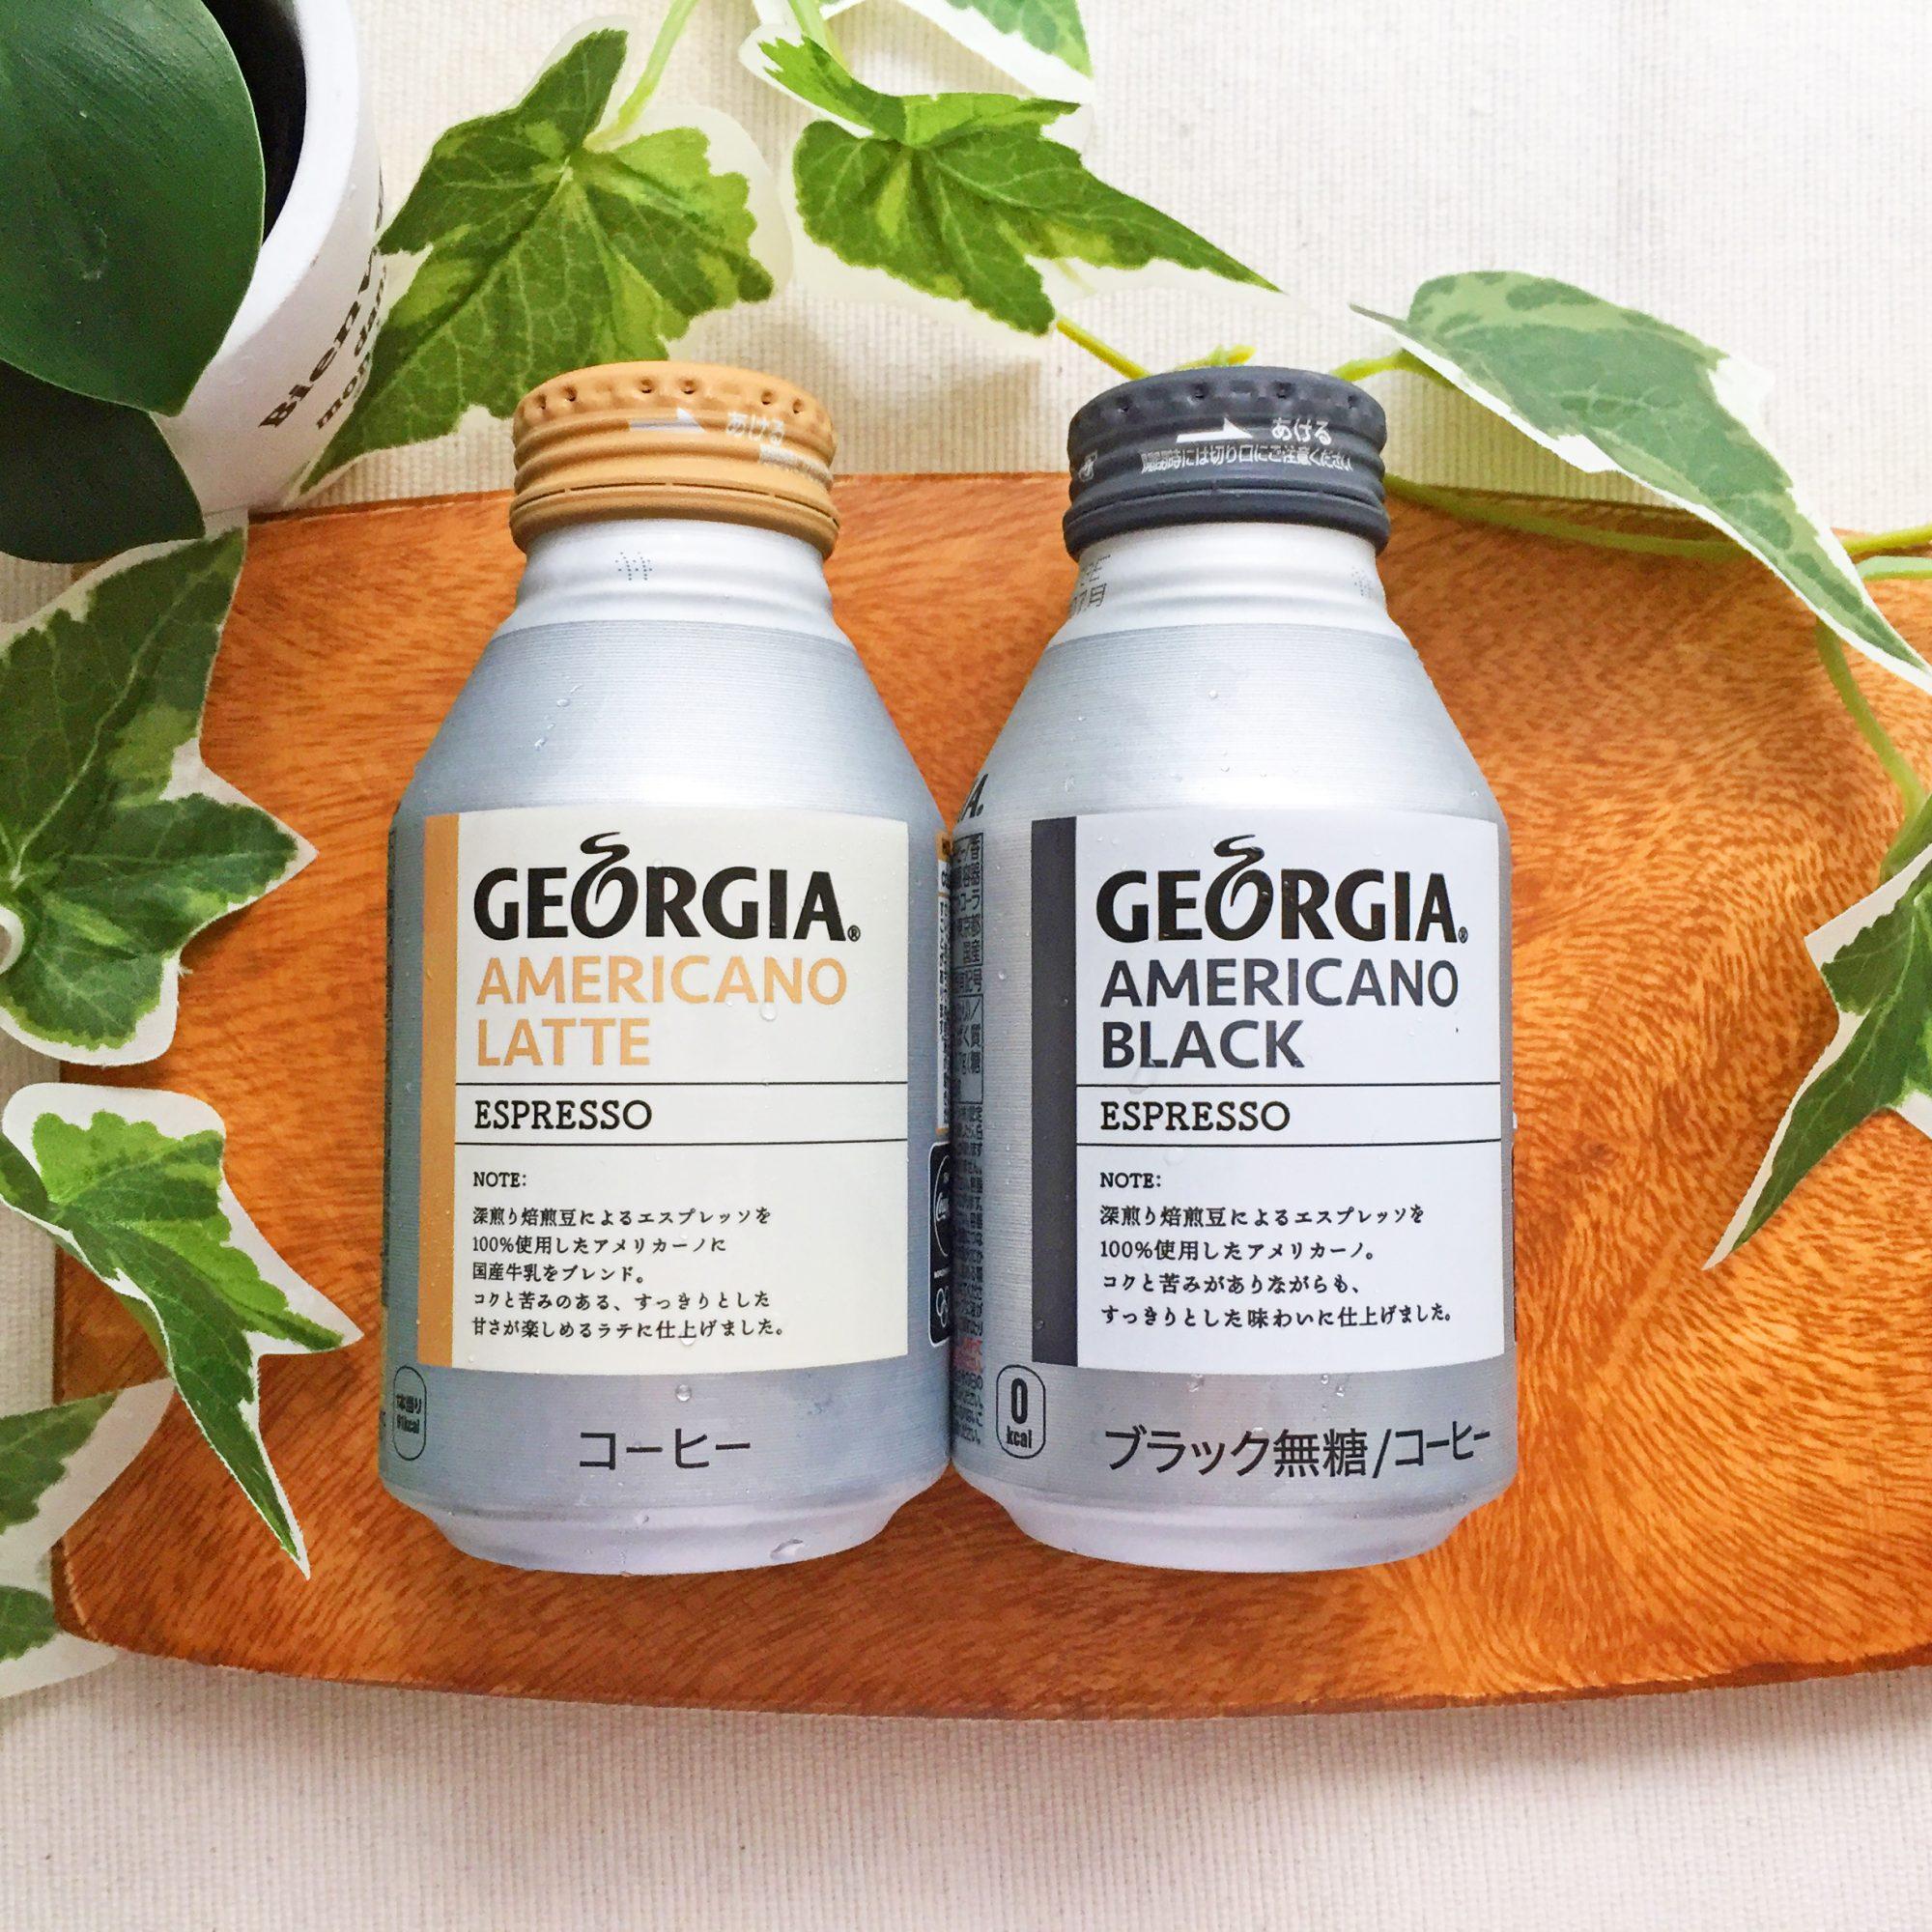 """セブン&アイ限定 ジョージア『アメリカーノ ラテ 260ml』『アメリカーノ ブラック290ml』実飲レビュー!コーヒーの""""アメリカーノ""""とは何かも簡単に解説します。"""